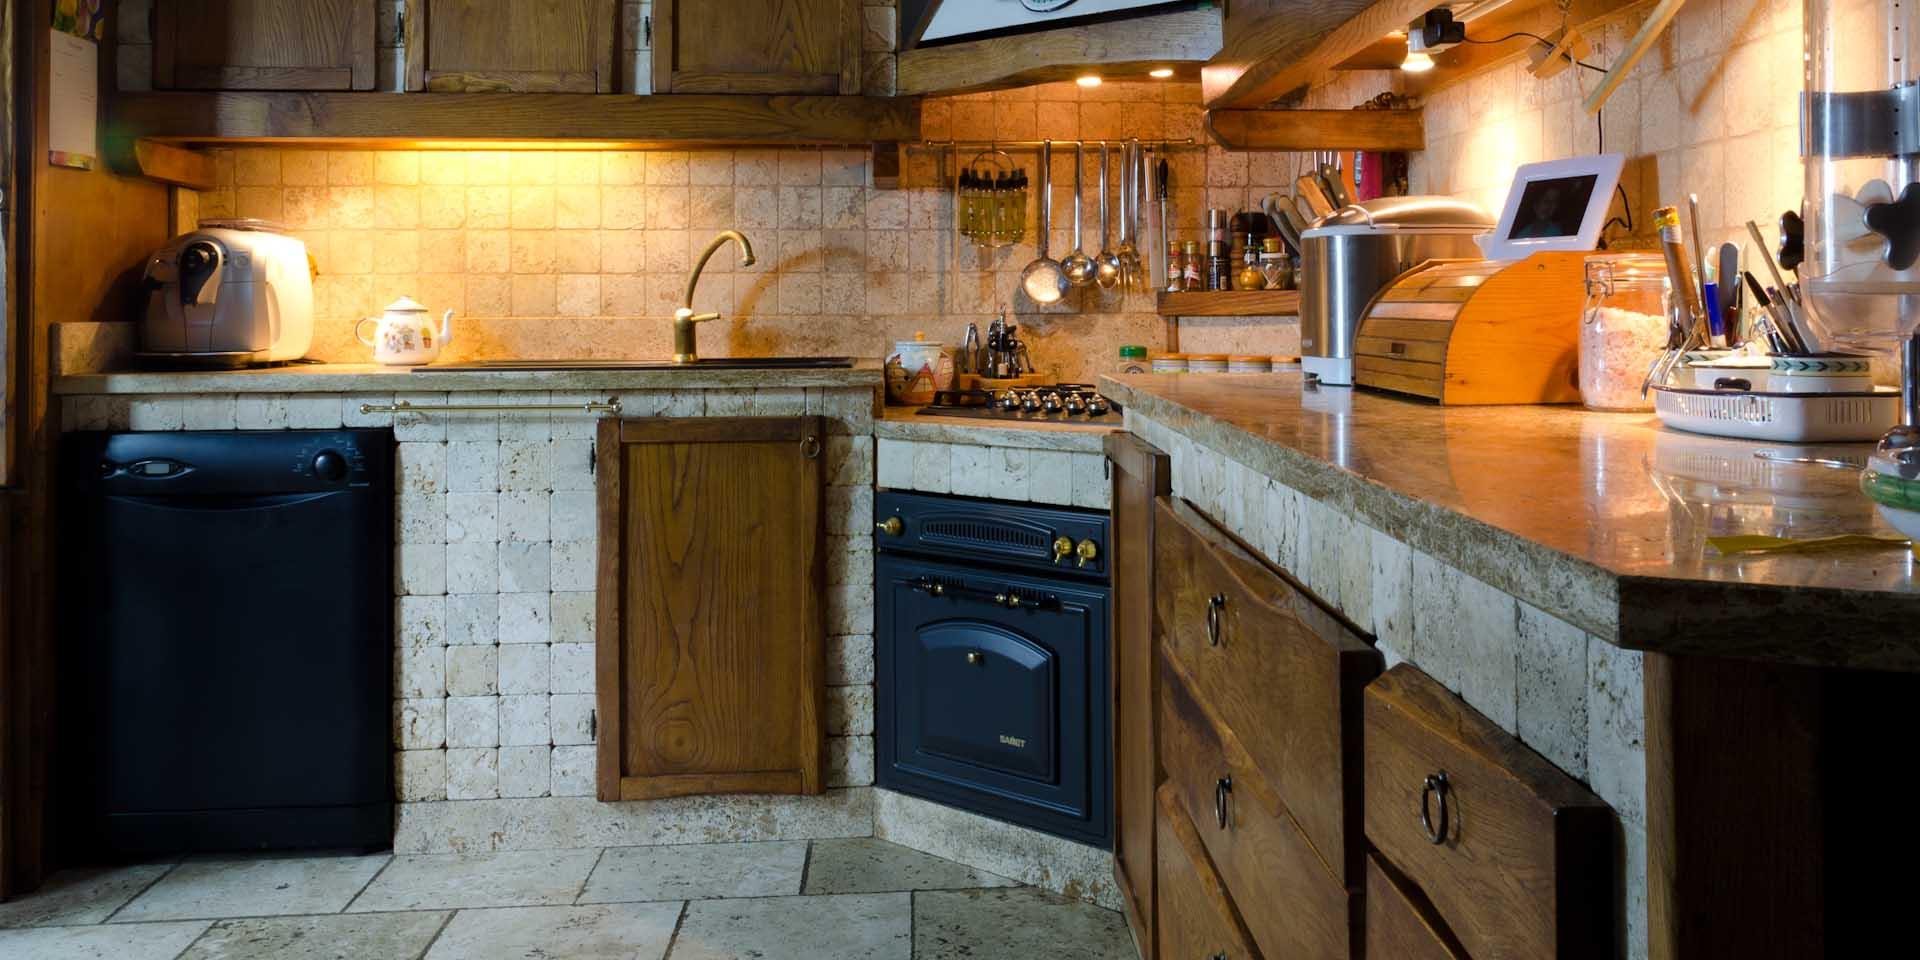 Cucina in muratura, rivestita in travertino - Pietre di Rapolano